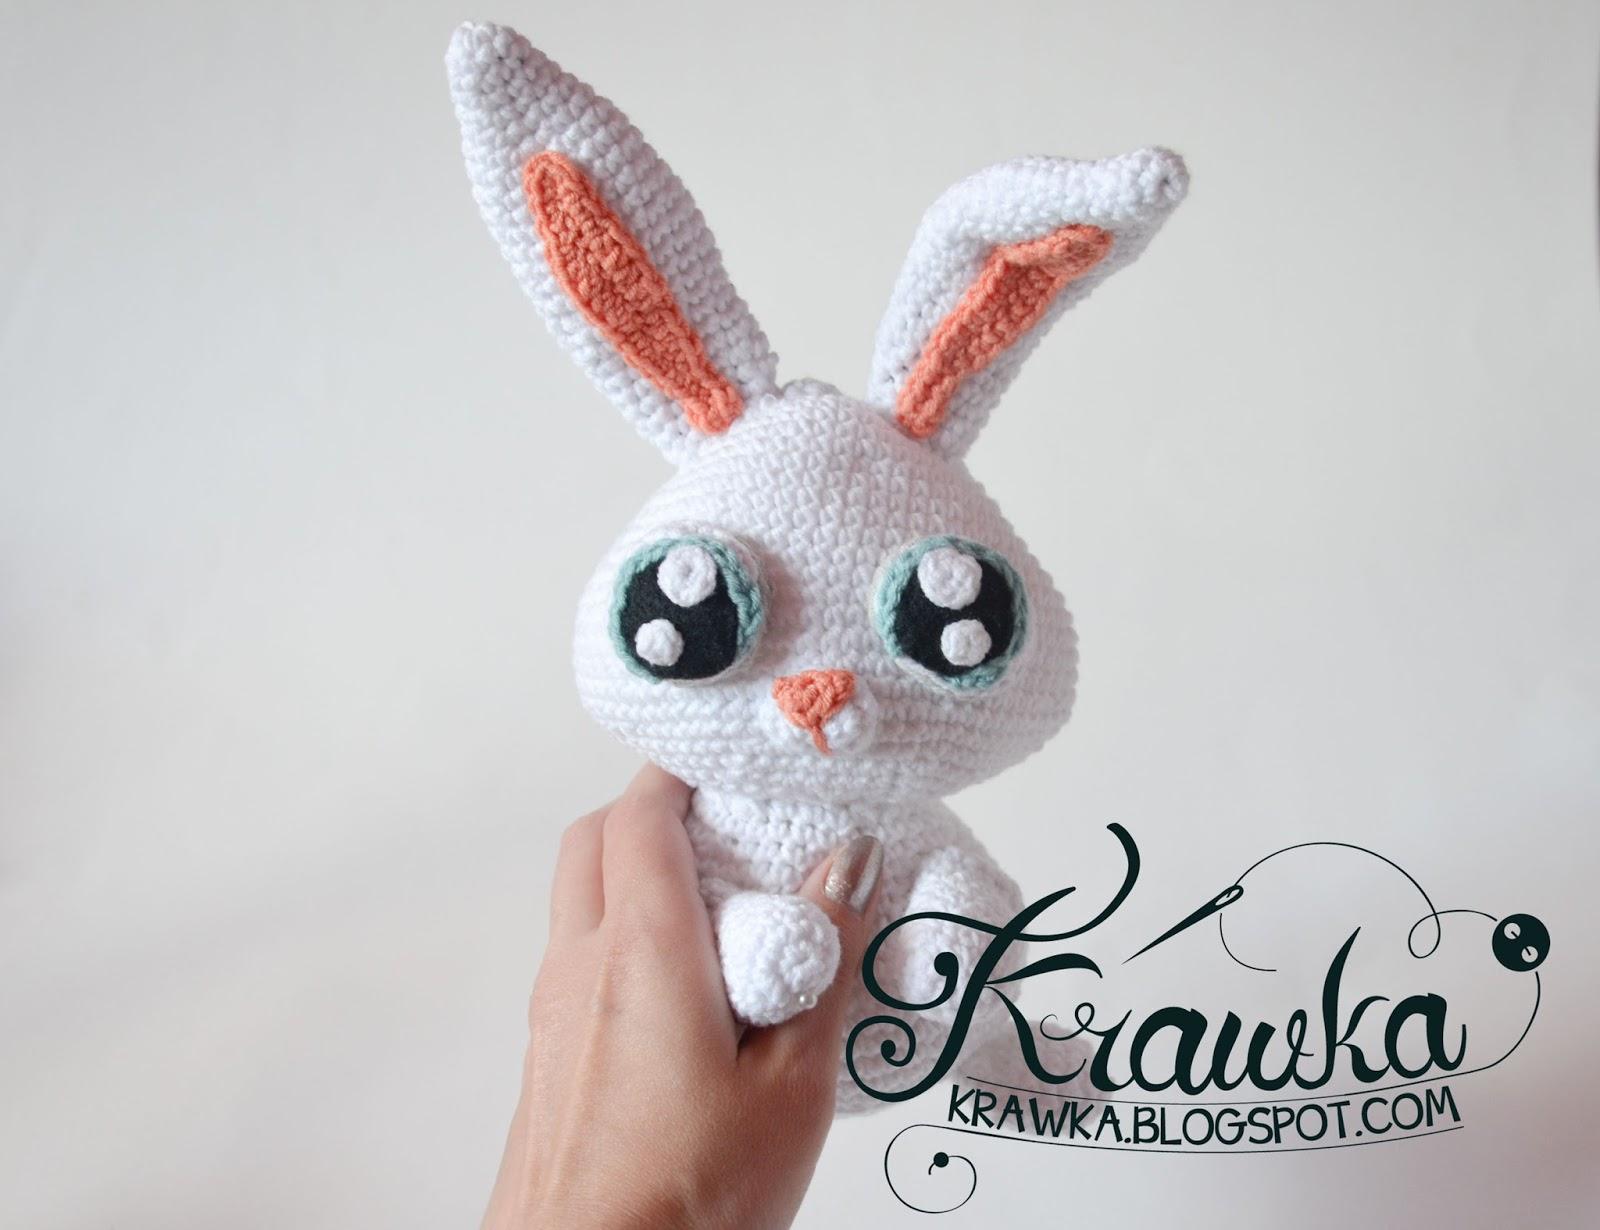 Krawka: Snowball rabbit